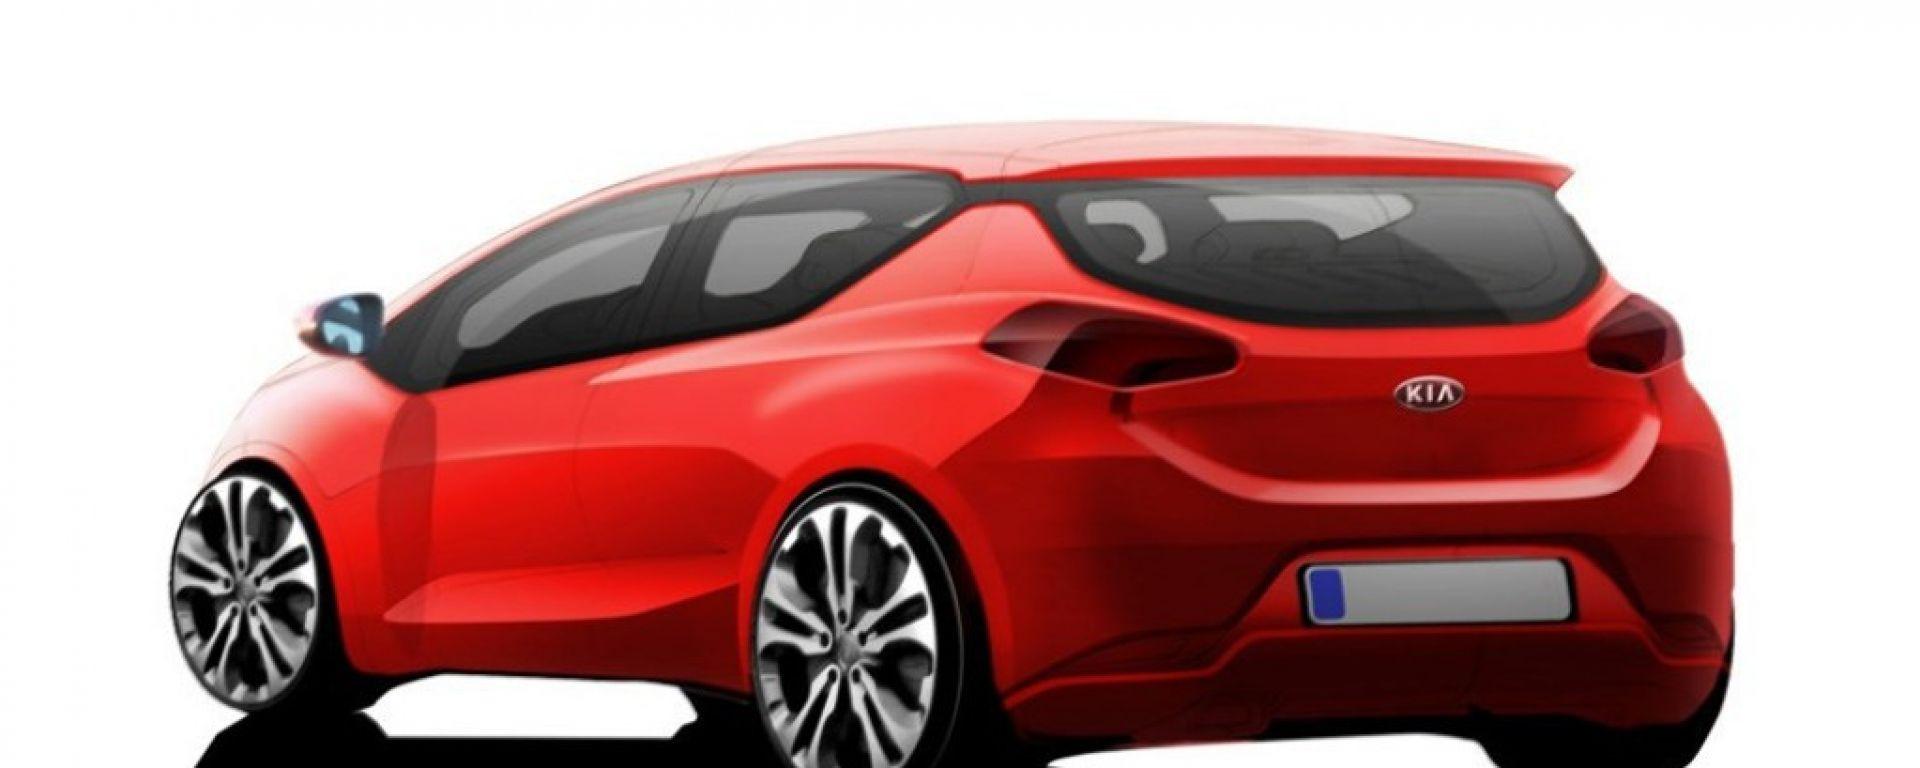 Kia pro cee'd 2012: il bozzetto a colori